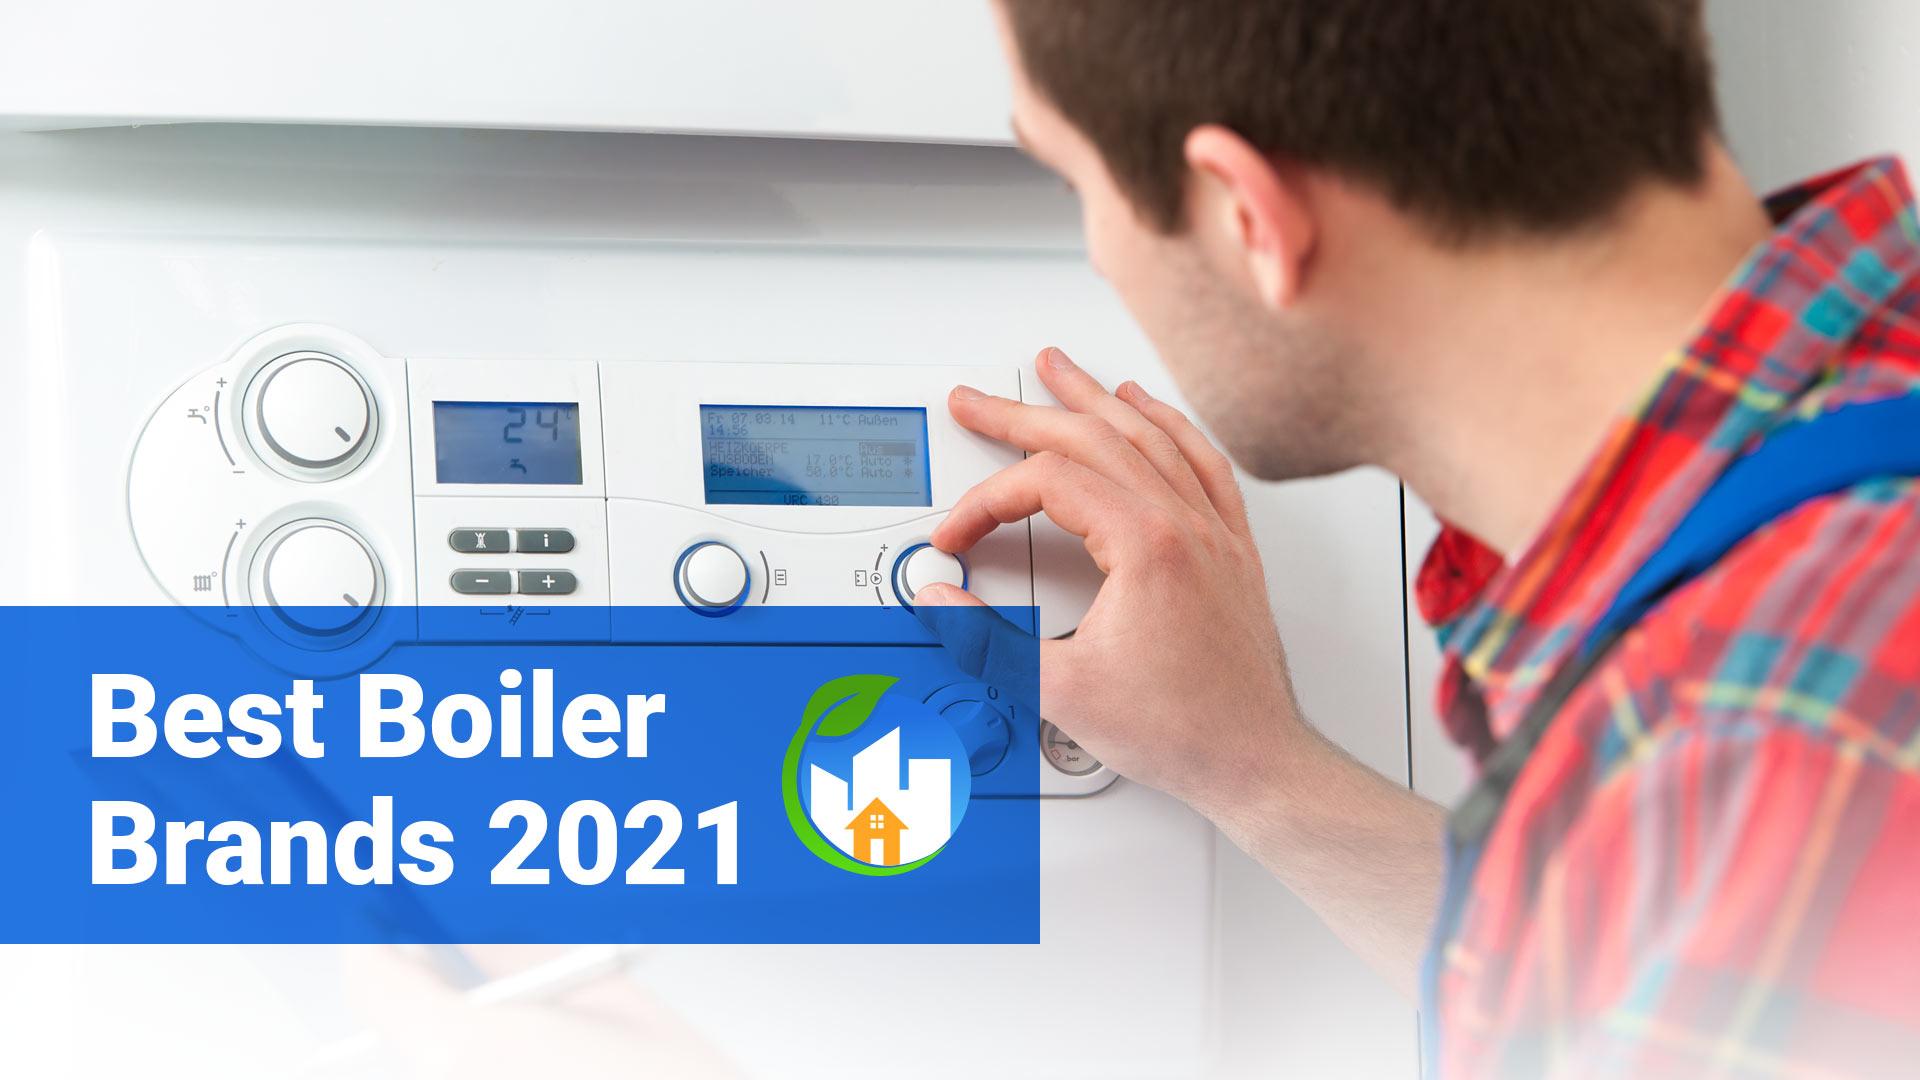 best boiler brand 2021